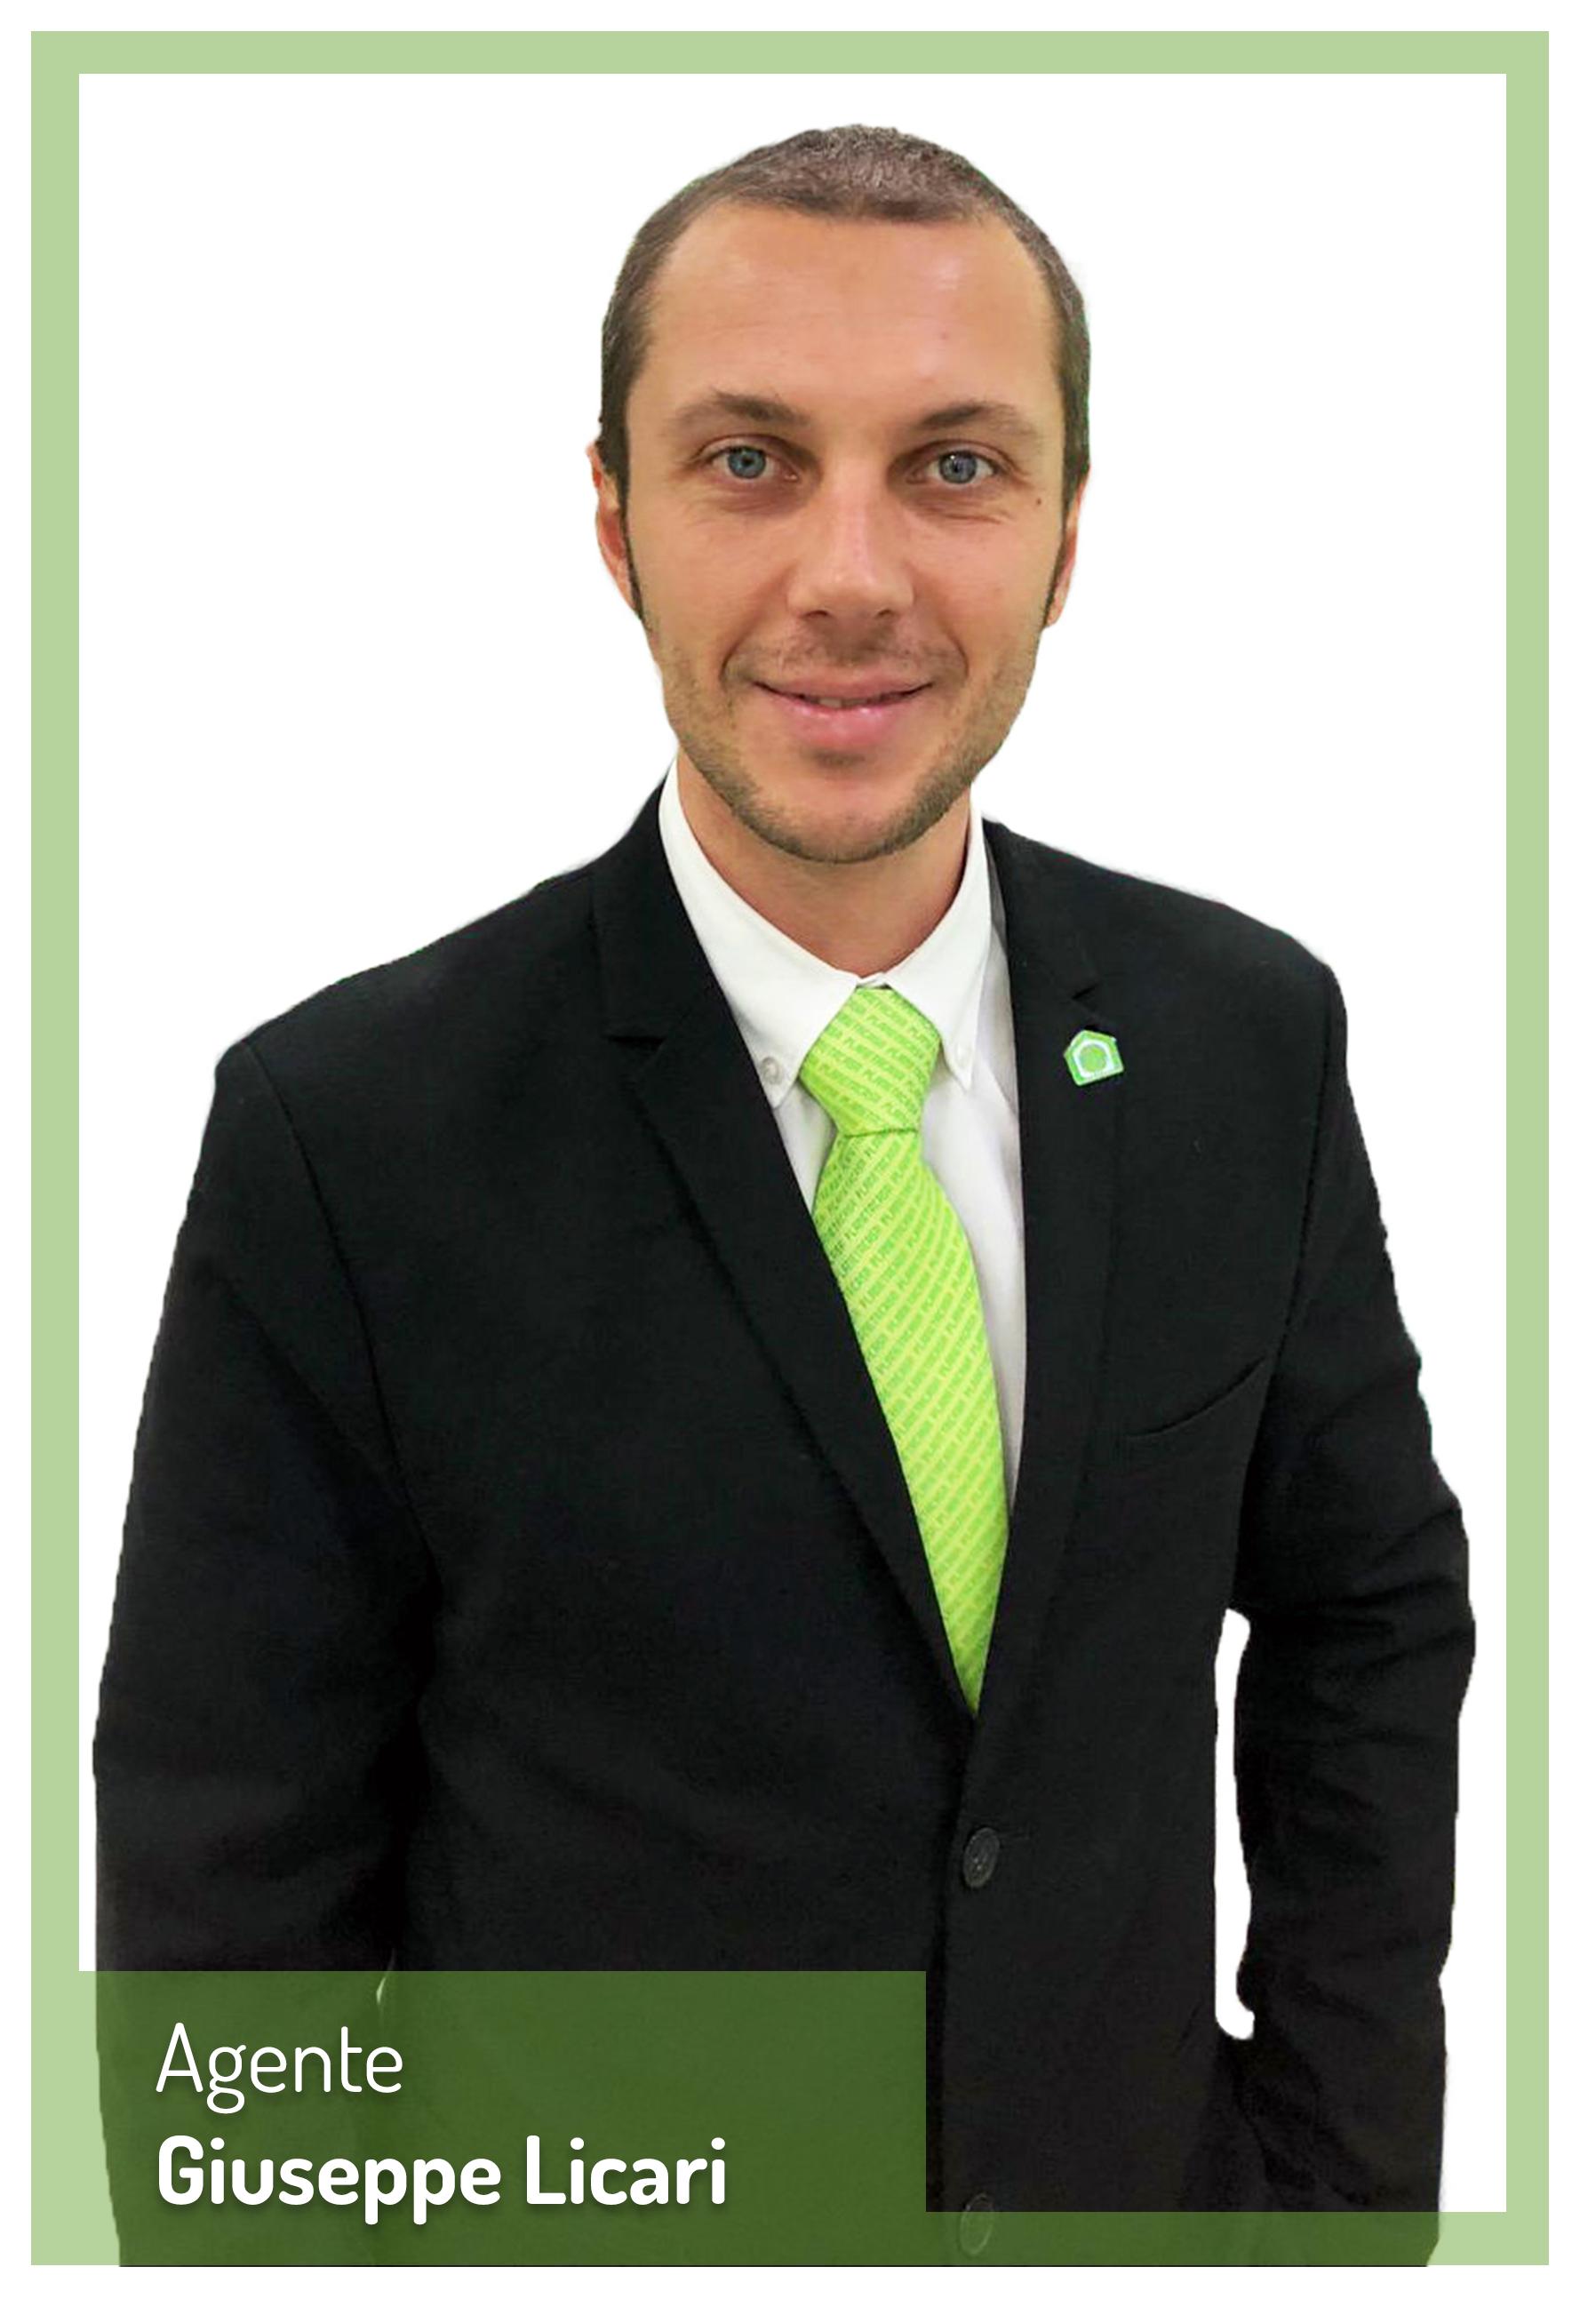 Giuseppe Licari asesor Planetacasa Inmobiliaria Malaga